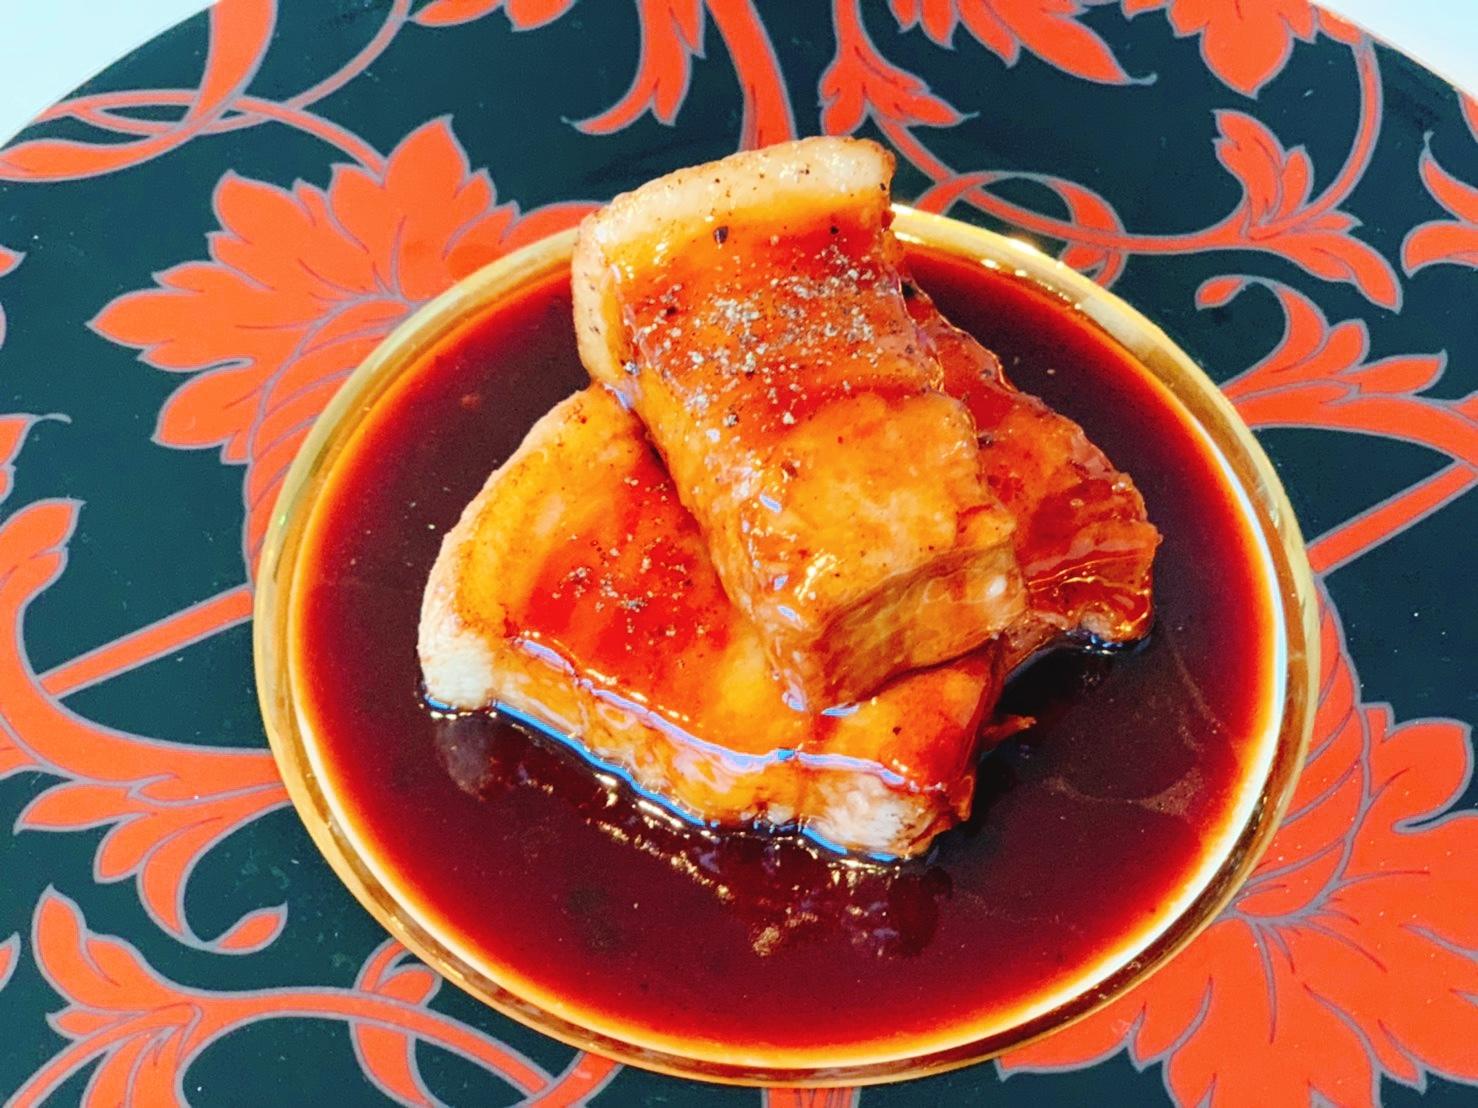 煮込み系料理にイベリコ豚バラ肉はいかがでしょうか?甘い油が特徴なイベリコ豚ならではの味わいです セール 登場から人気沸騰 スペイン産イベリコ豚 バラ 冷凍 業務用PC グリル 4kg~5kgイベリコ豚 70%OFFアウトレット 角煮 チャーシュー 業務用